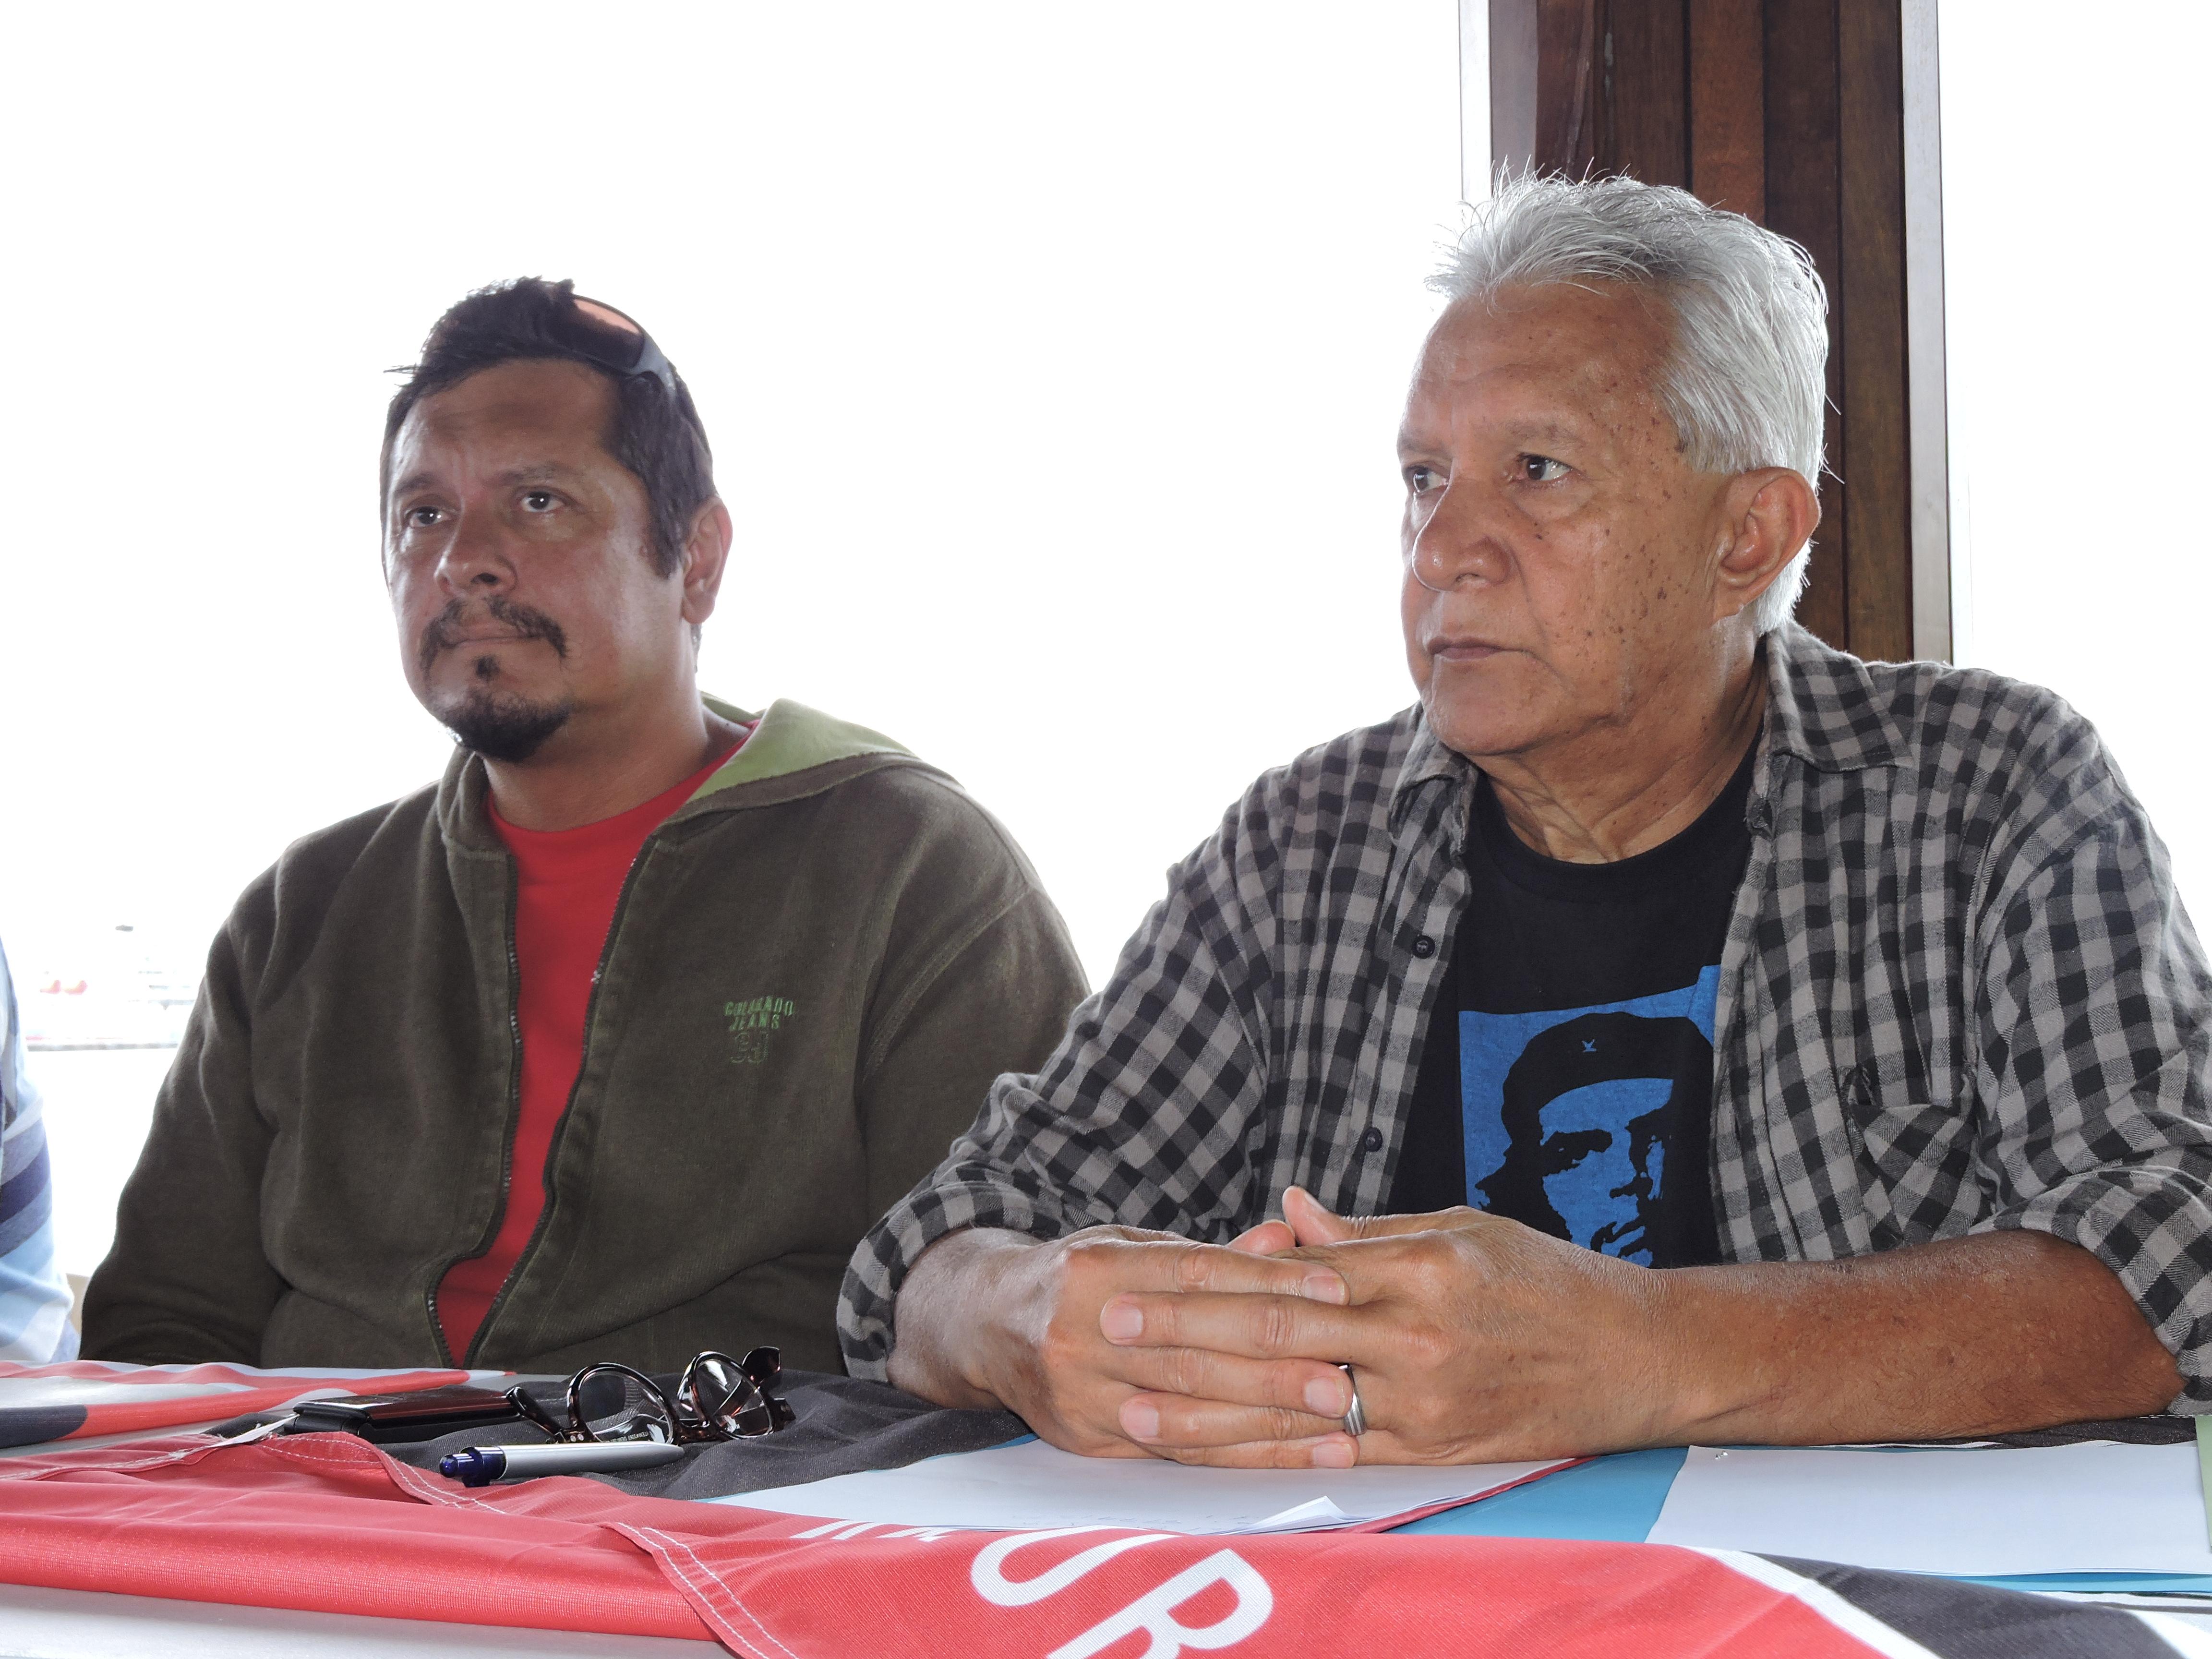 L'association 193 et Moruroa e Tatou demandent que les essais nucléaires en Polynésie française soient plus abordés dans le programme scolaire des élèves polynésiens.